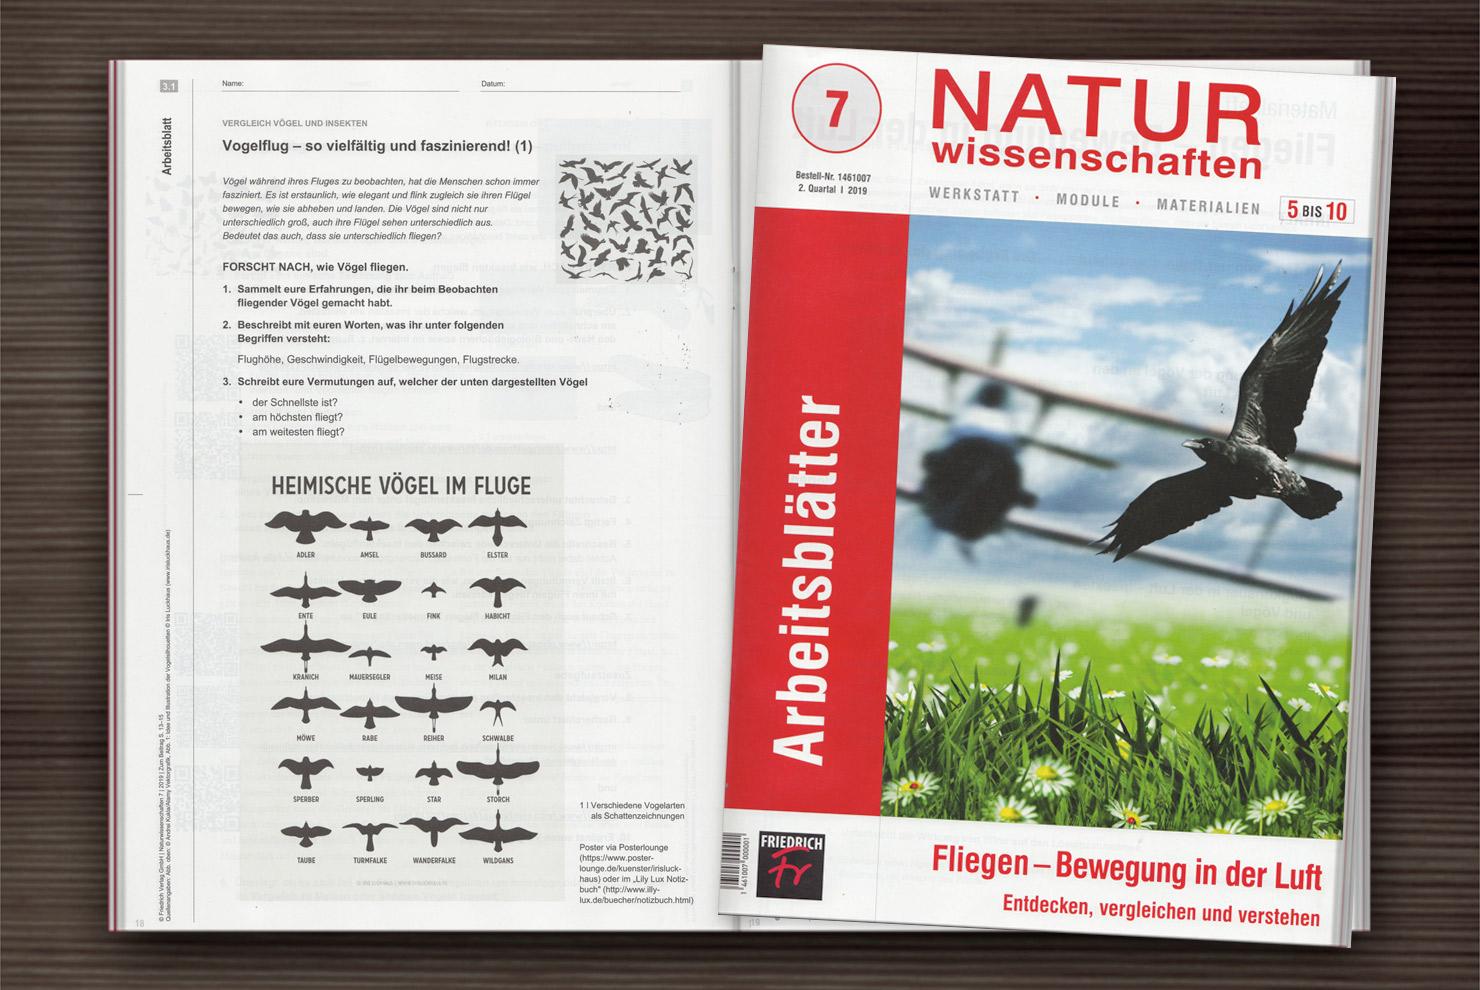 Vogelsilhouetten als Arbeitsblatt im Unterrichtsmaterial vom friedrich Verlag Naturwissenschaften